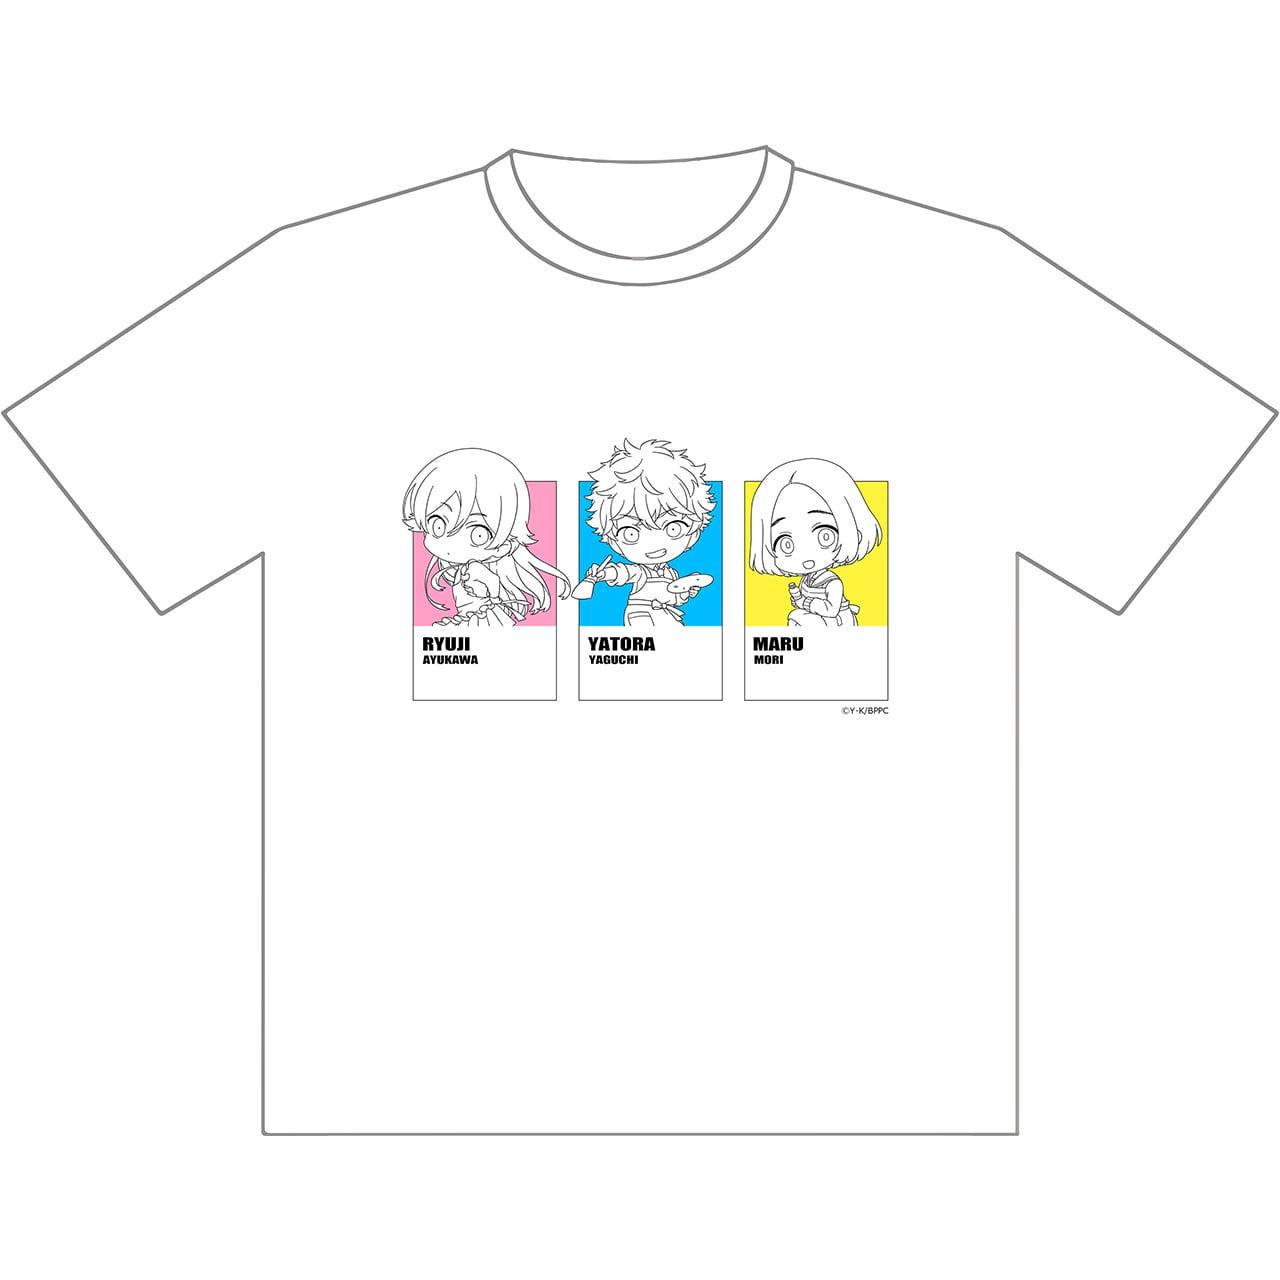 【4589839368032予】ブルーピリオド Tシャツ(矢虎&龍二&まる) XL